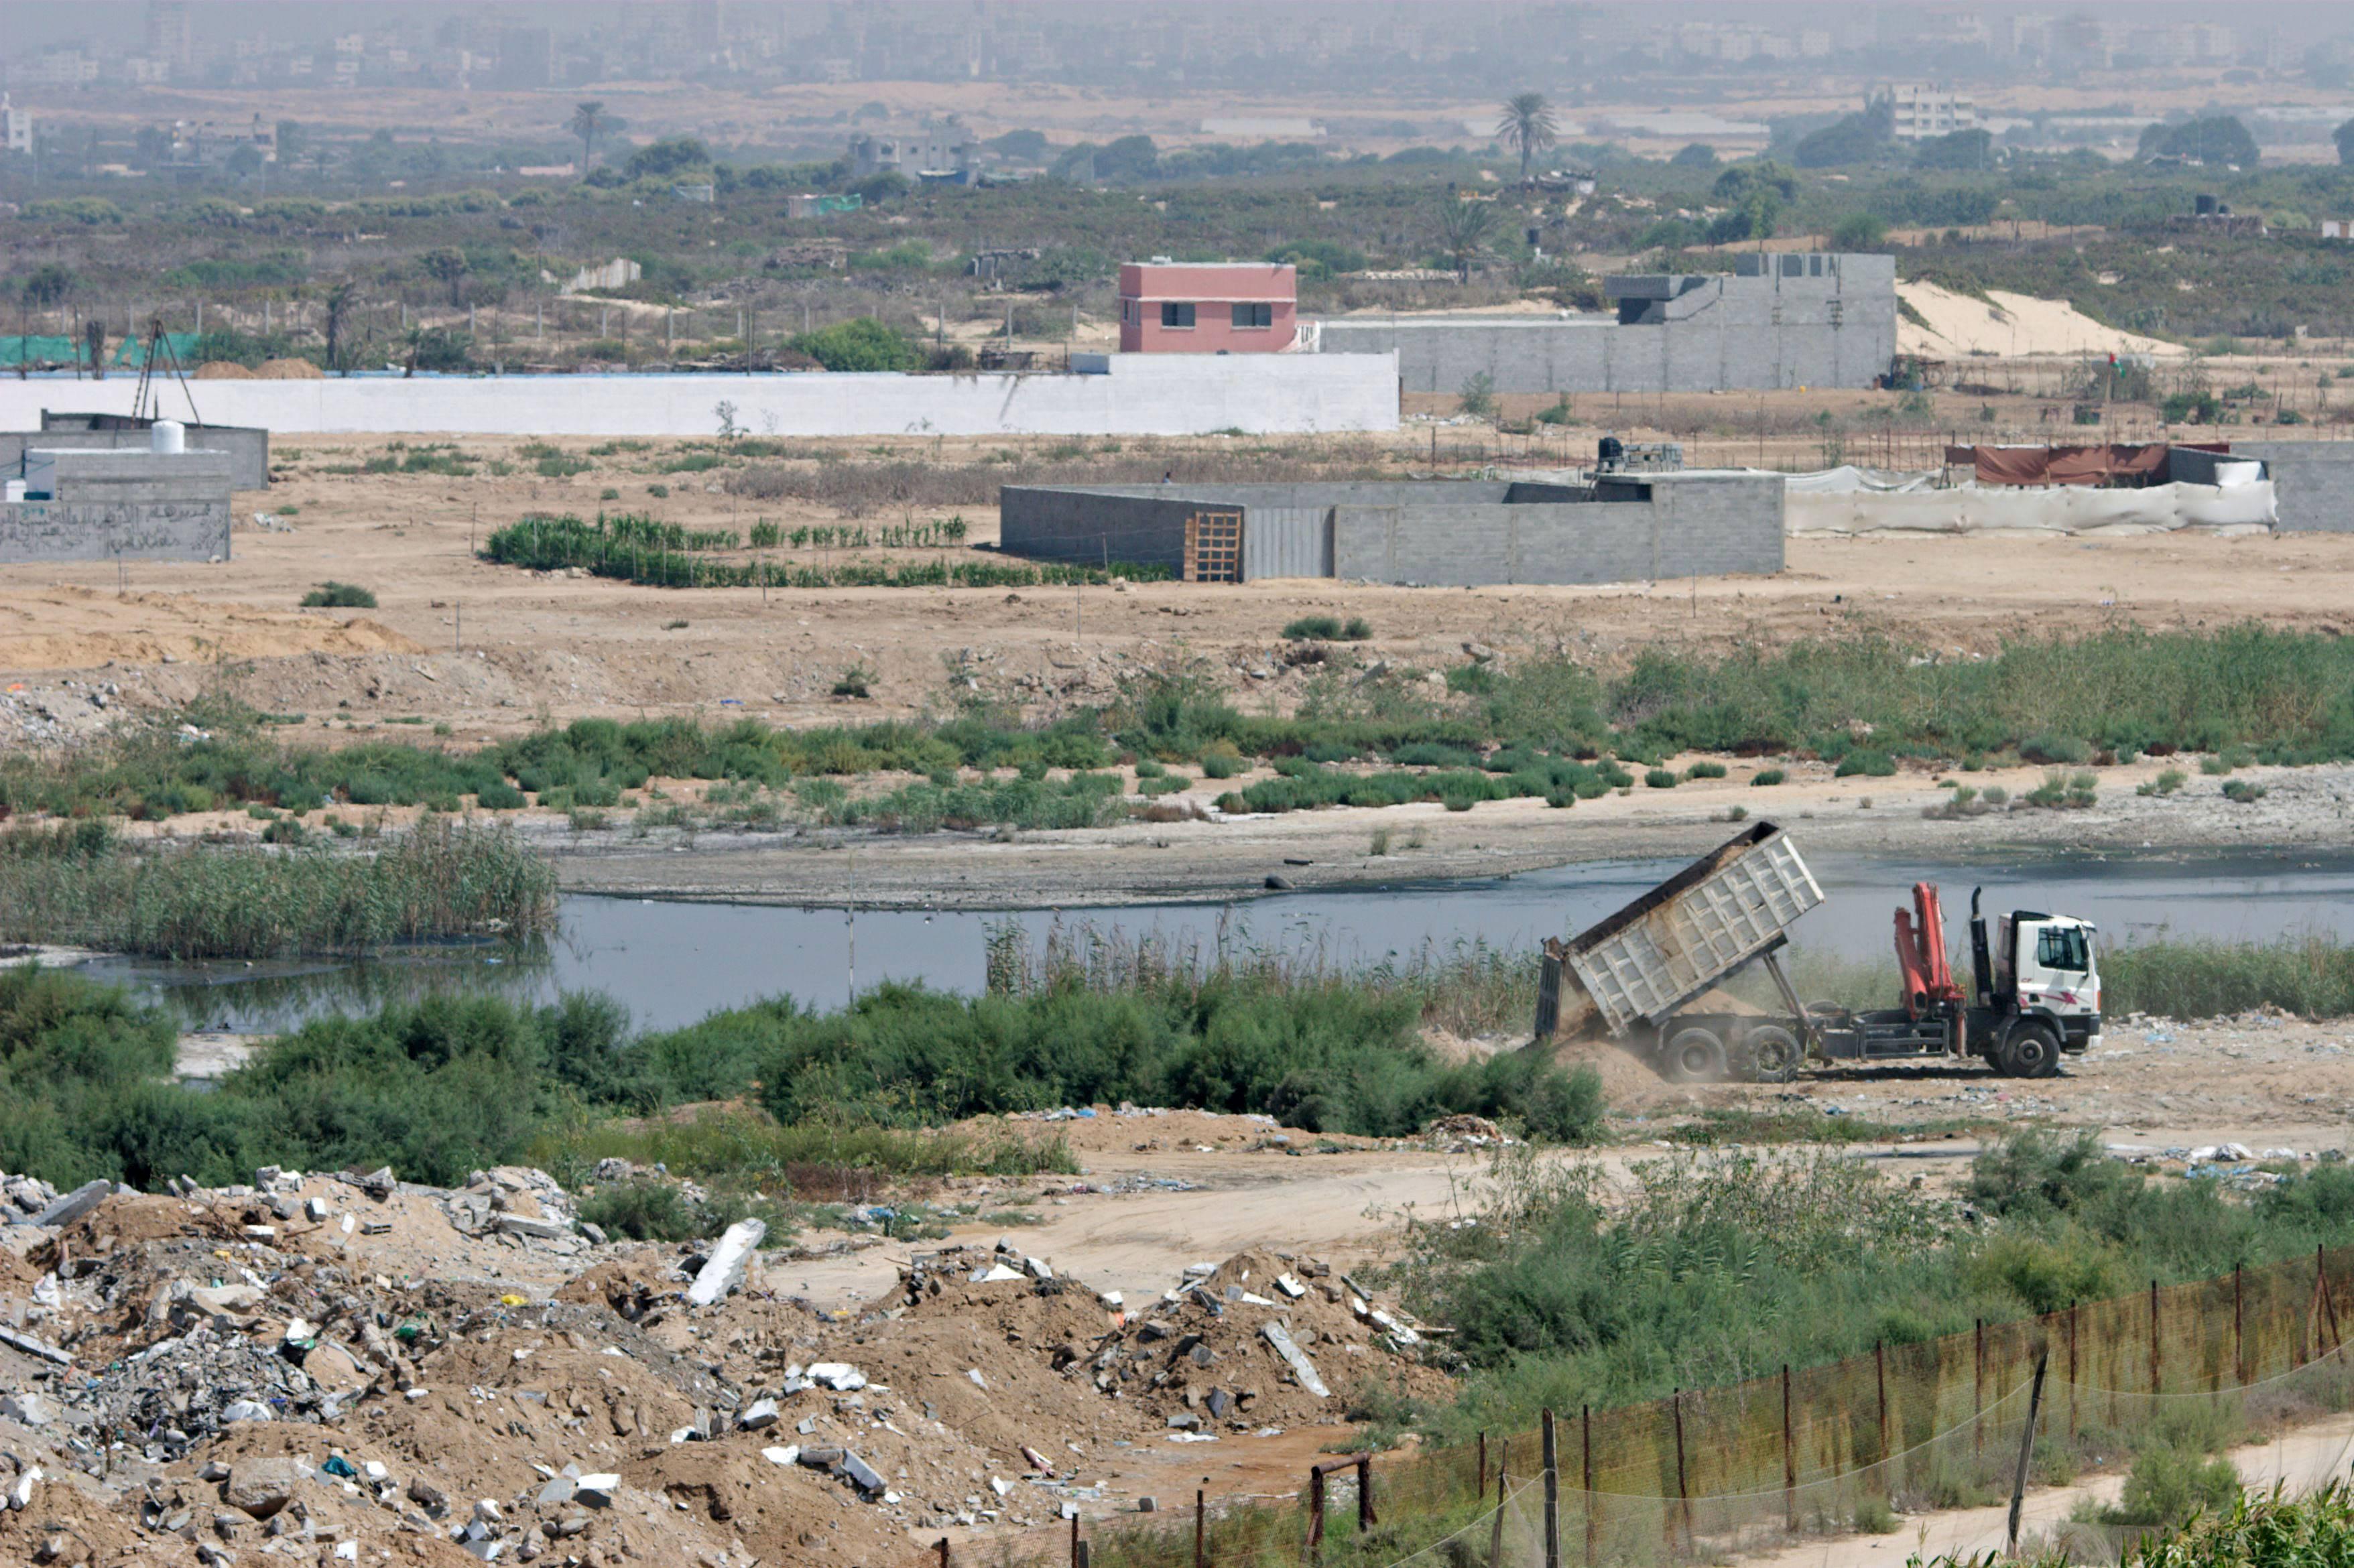 Wadi Gaza land conversion